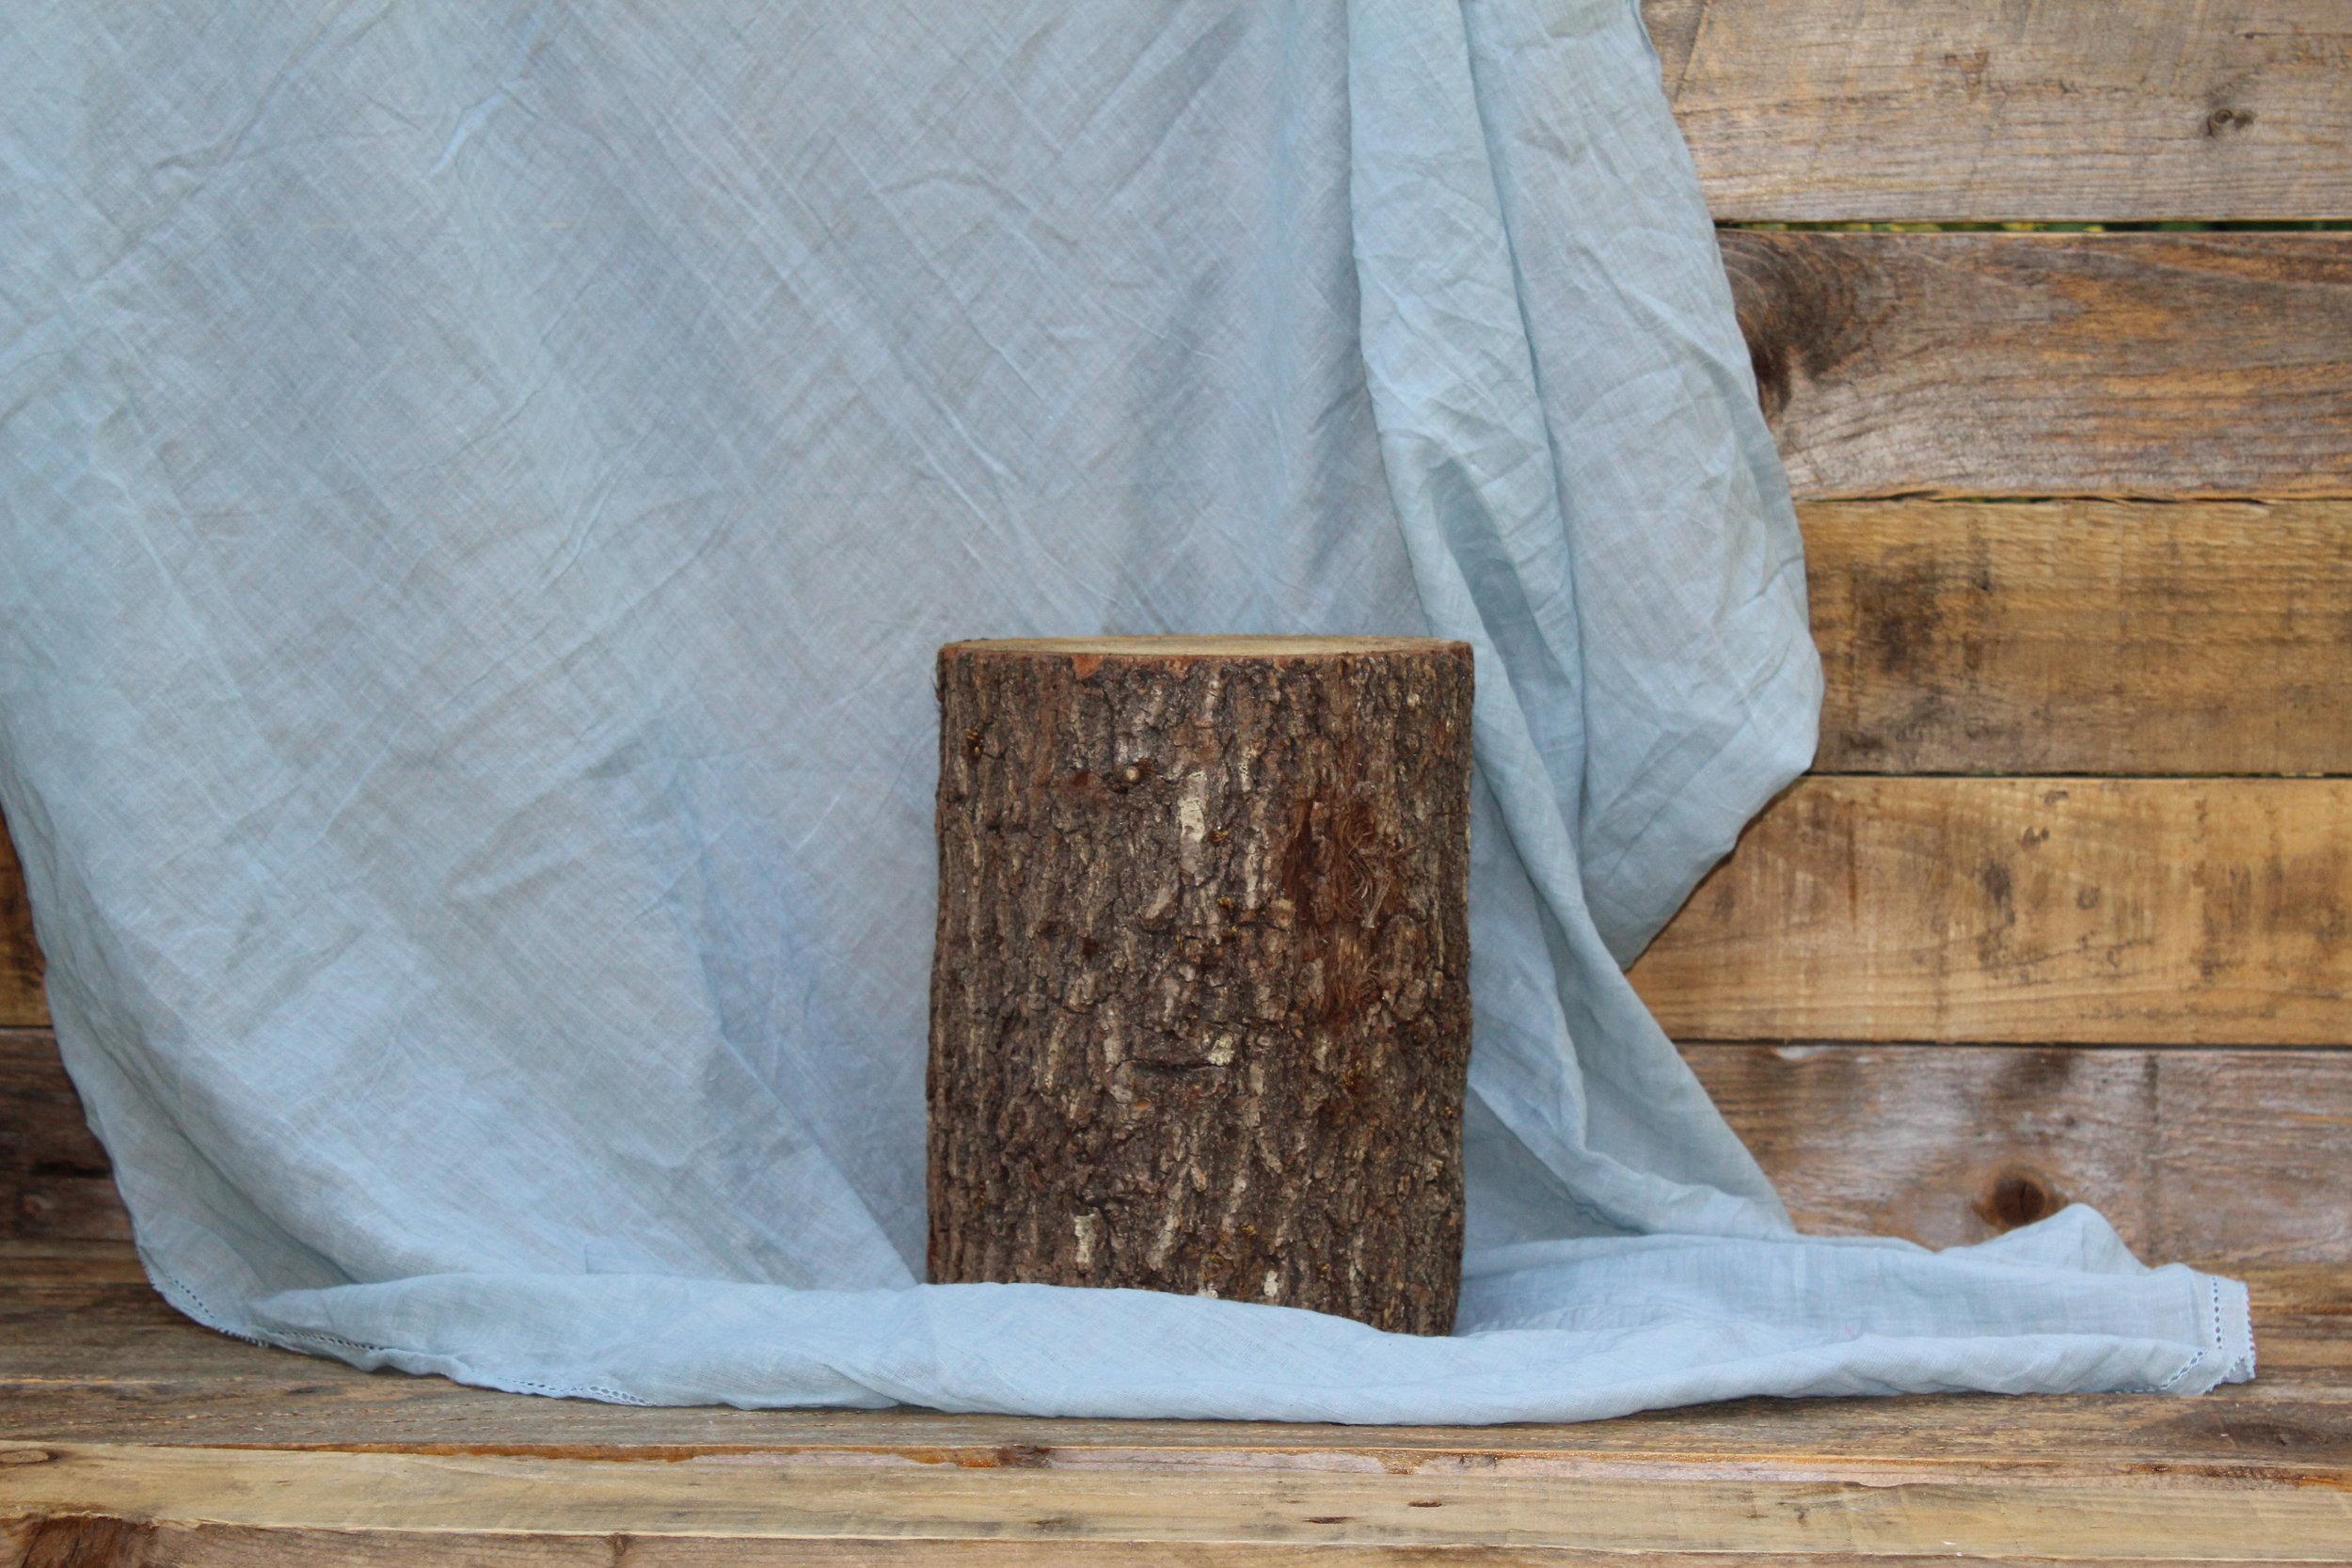 - Mini stump 22cm tall x 18cm diameter£5